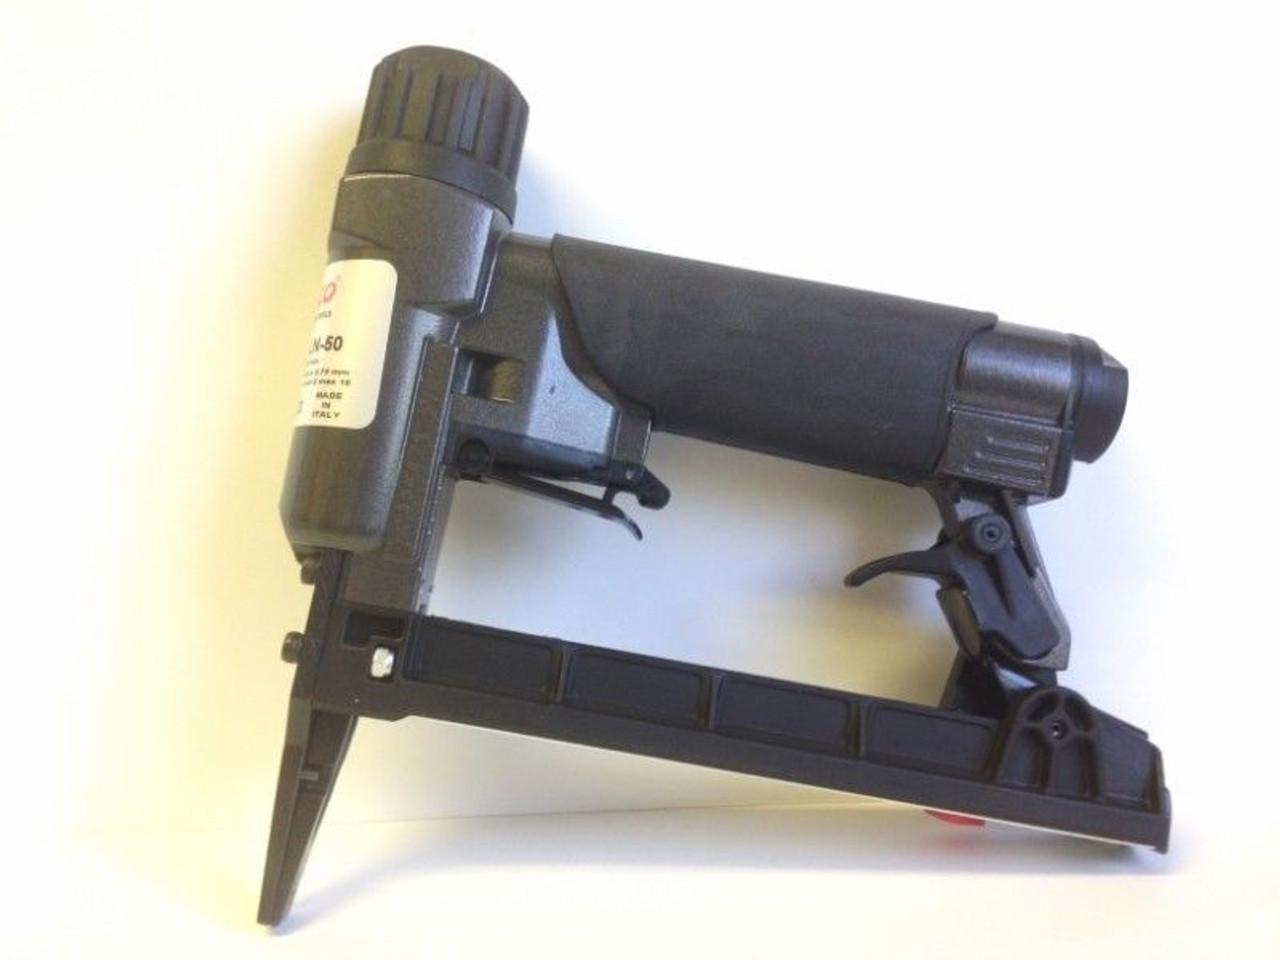 """Rainco 22 Gauge 3/8"""" Crown Upholstery Stapler - 1B 7C-16 NL50 Long Nose"""